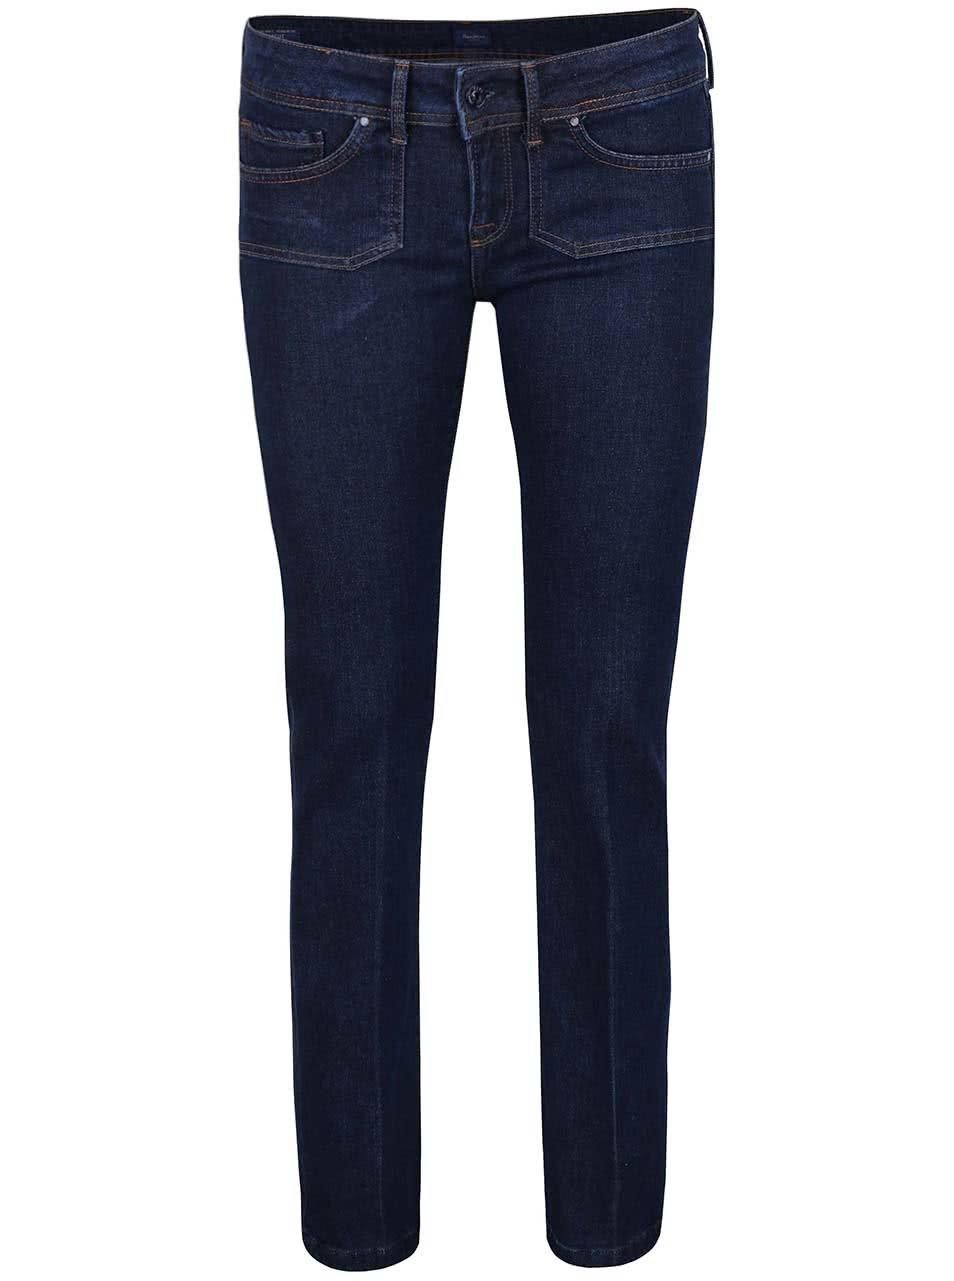 Modré dámské bootcut džíny Pepe Jeans Mojo ... 300e35acbb